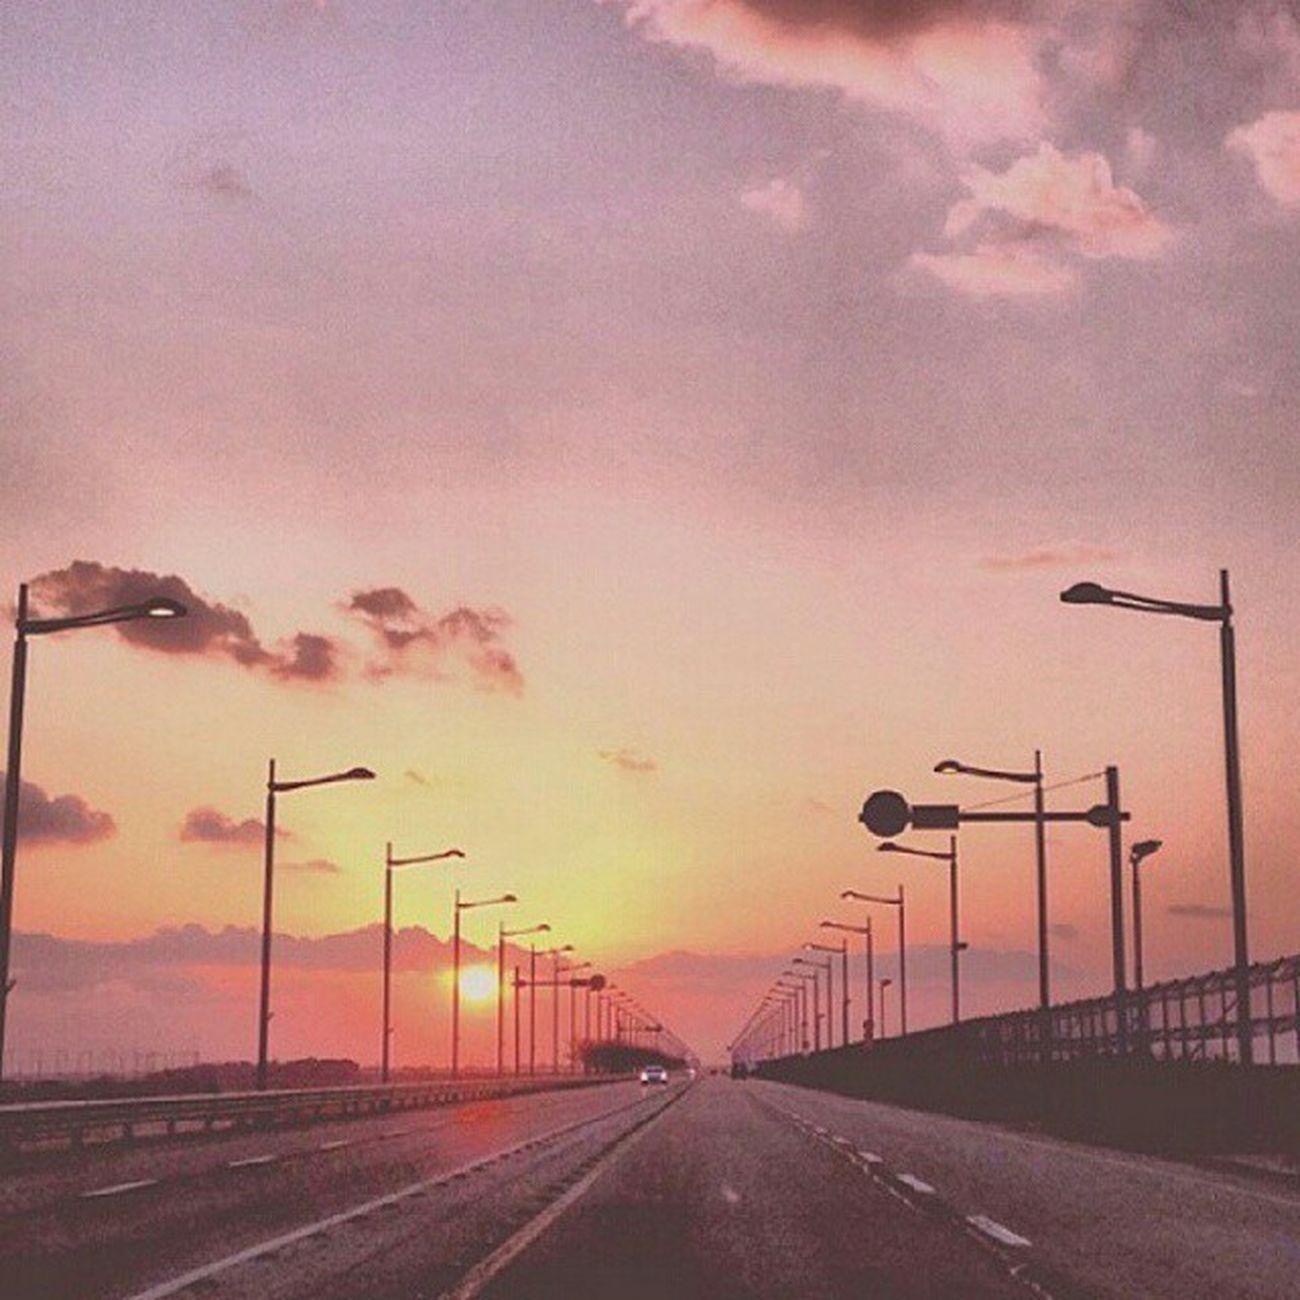 인천공항 가을 노을 하늘 sunset sky nature